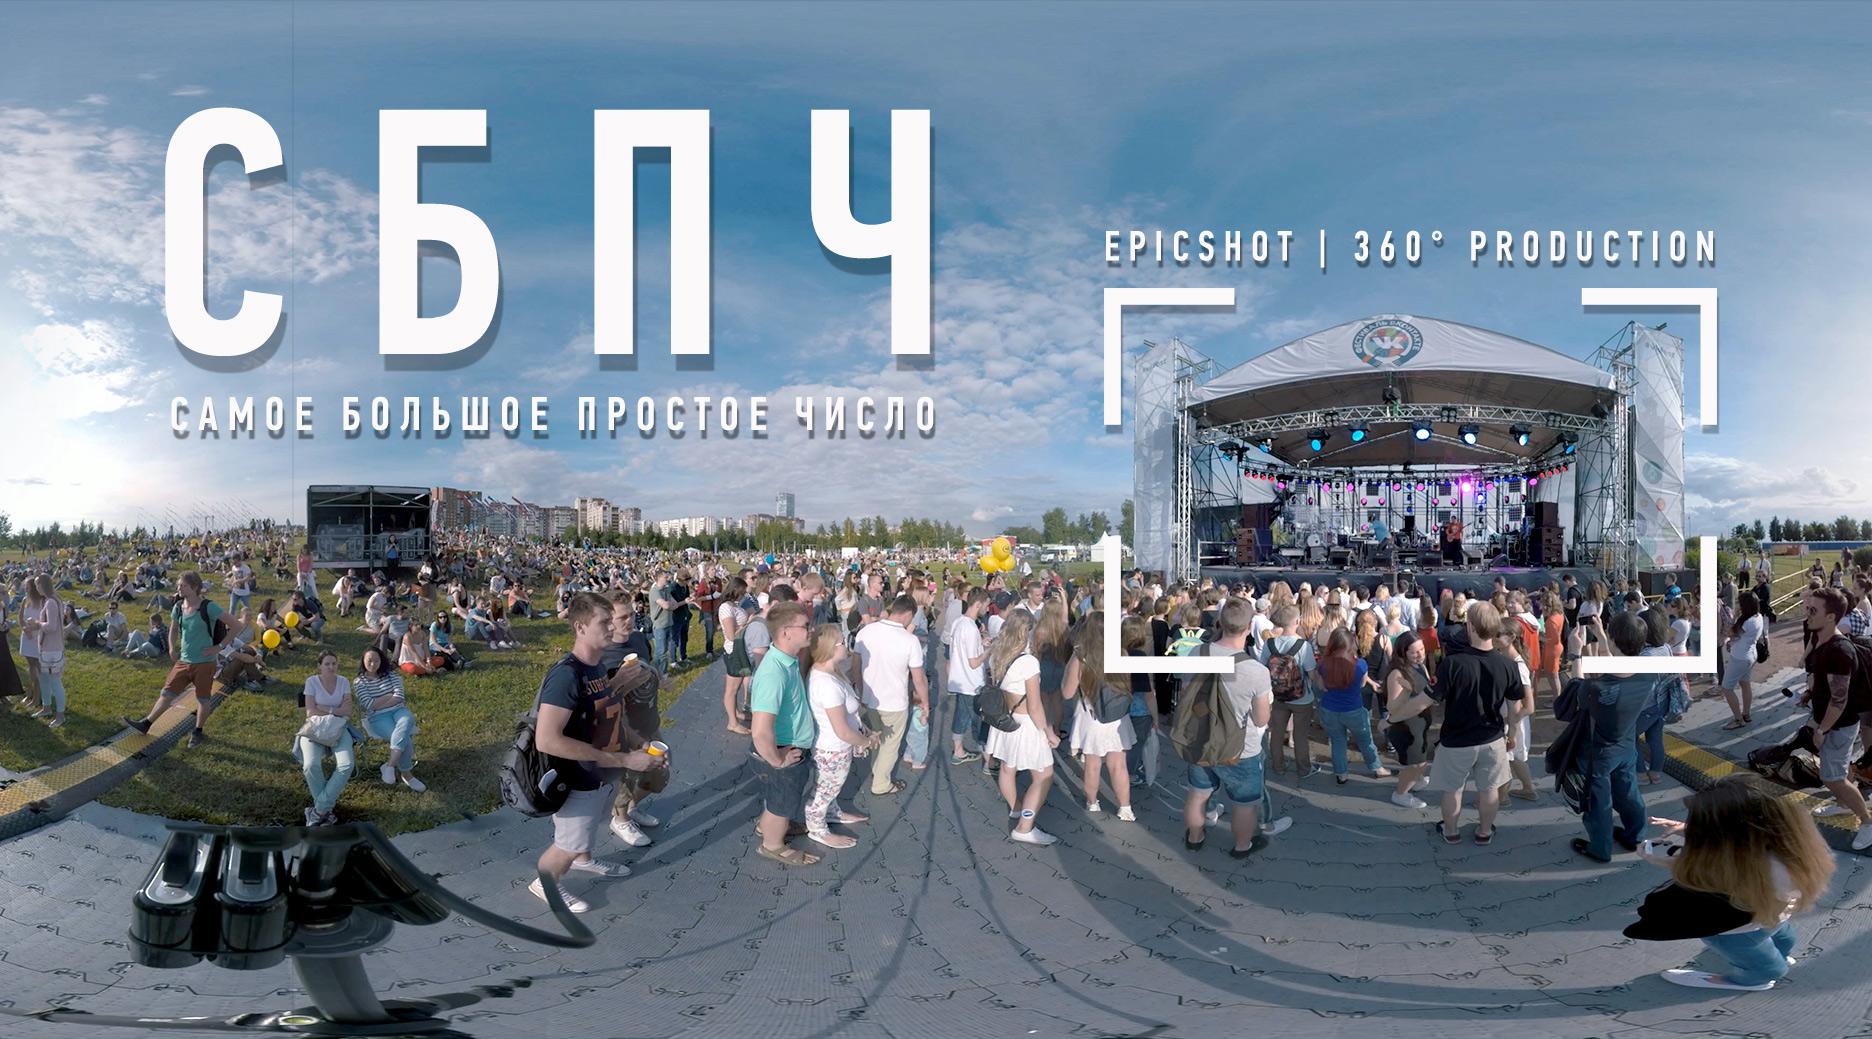 СБПЧ – Нельзя сказать короче 360° video